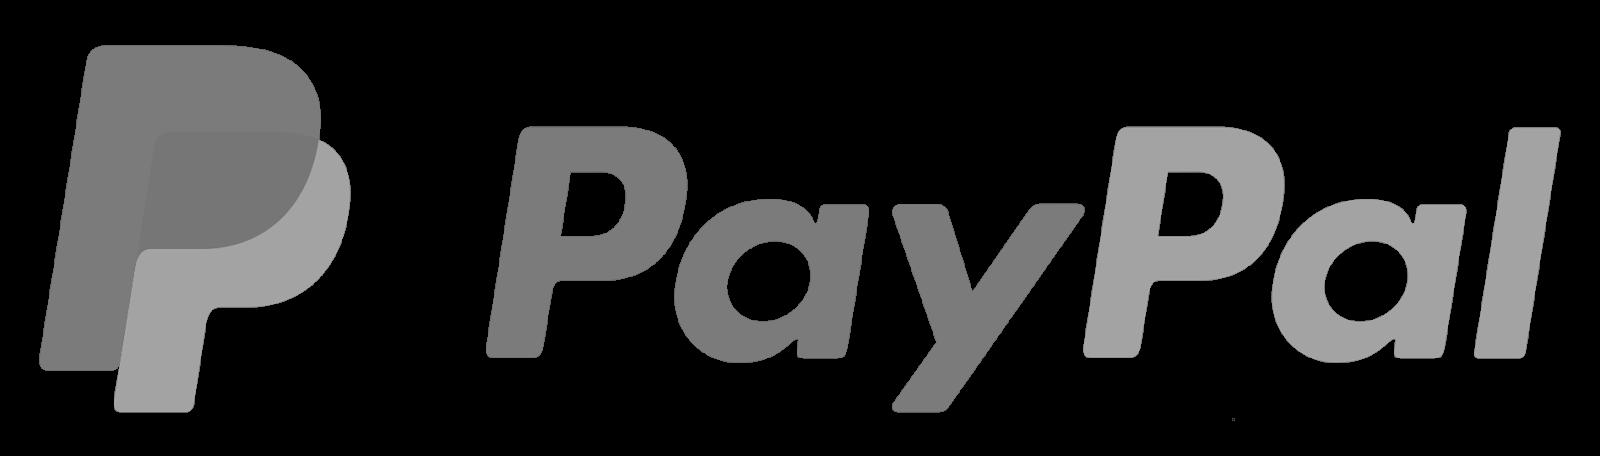 Paypal Konto Eingeschränkt Email 2021